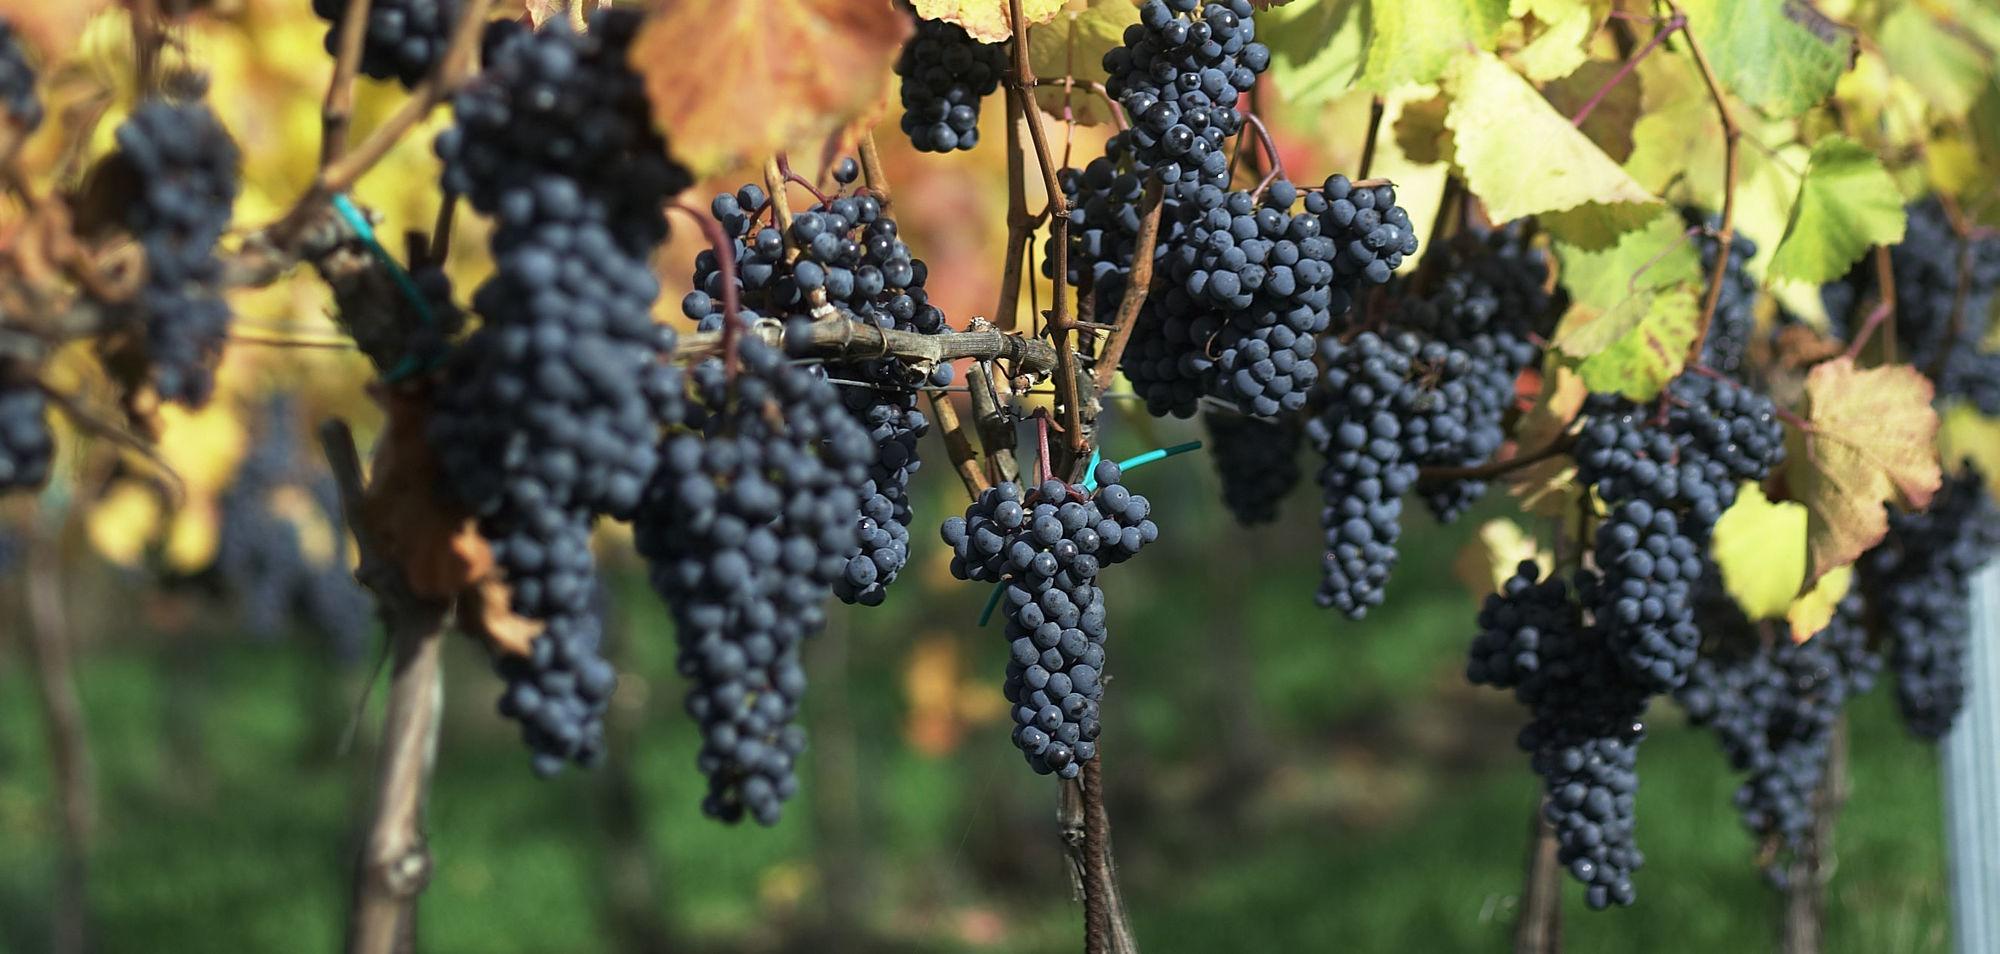 Kékfrankos szőlő és bora